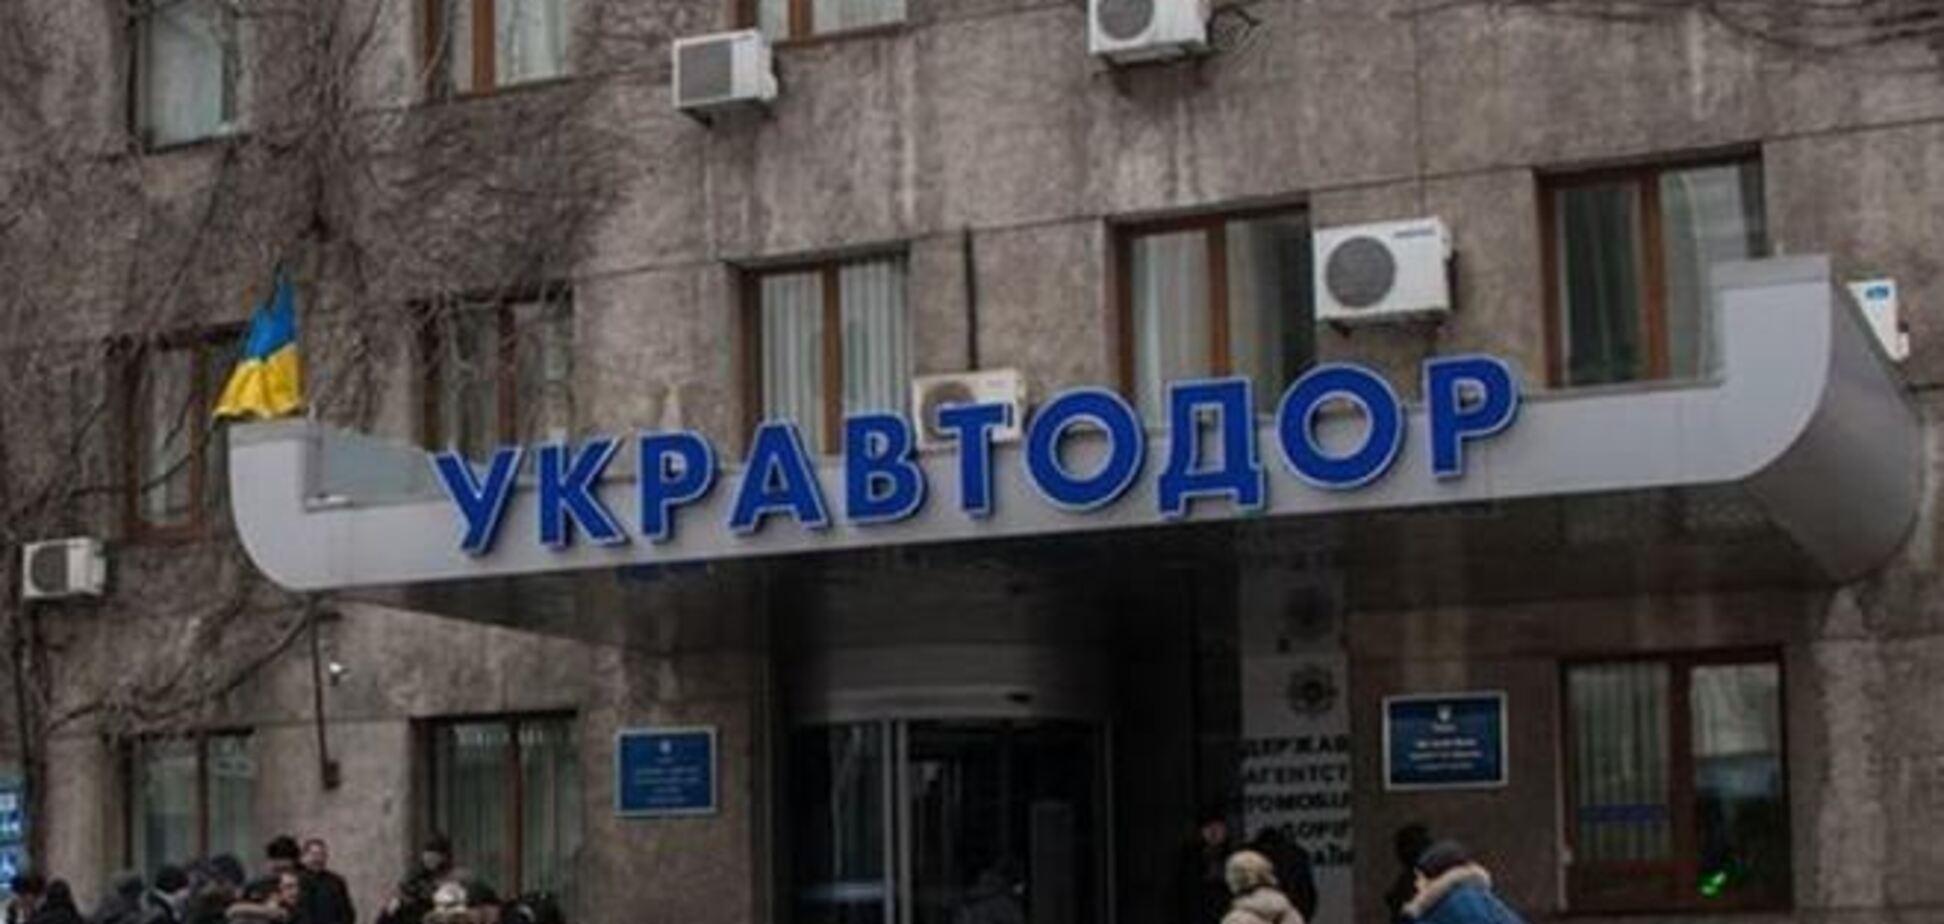 СБУ поймала чиновника 'Укравтодора' на взятке в $28 тыс.